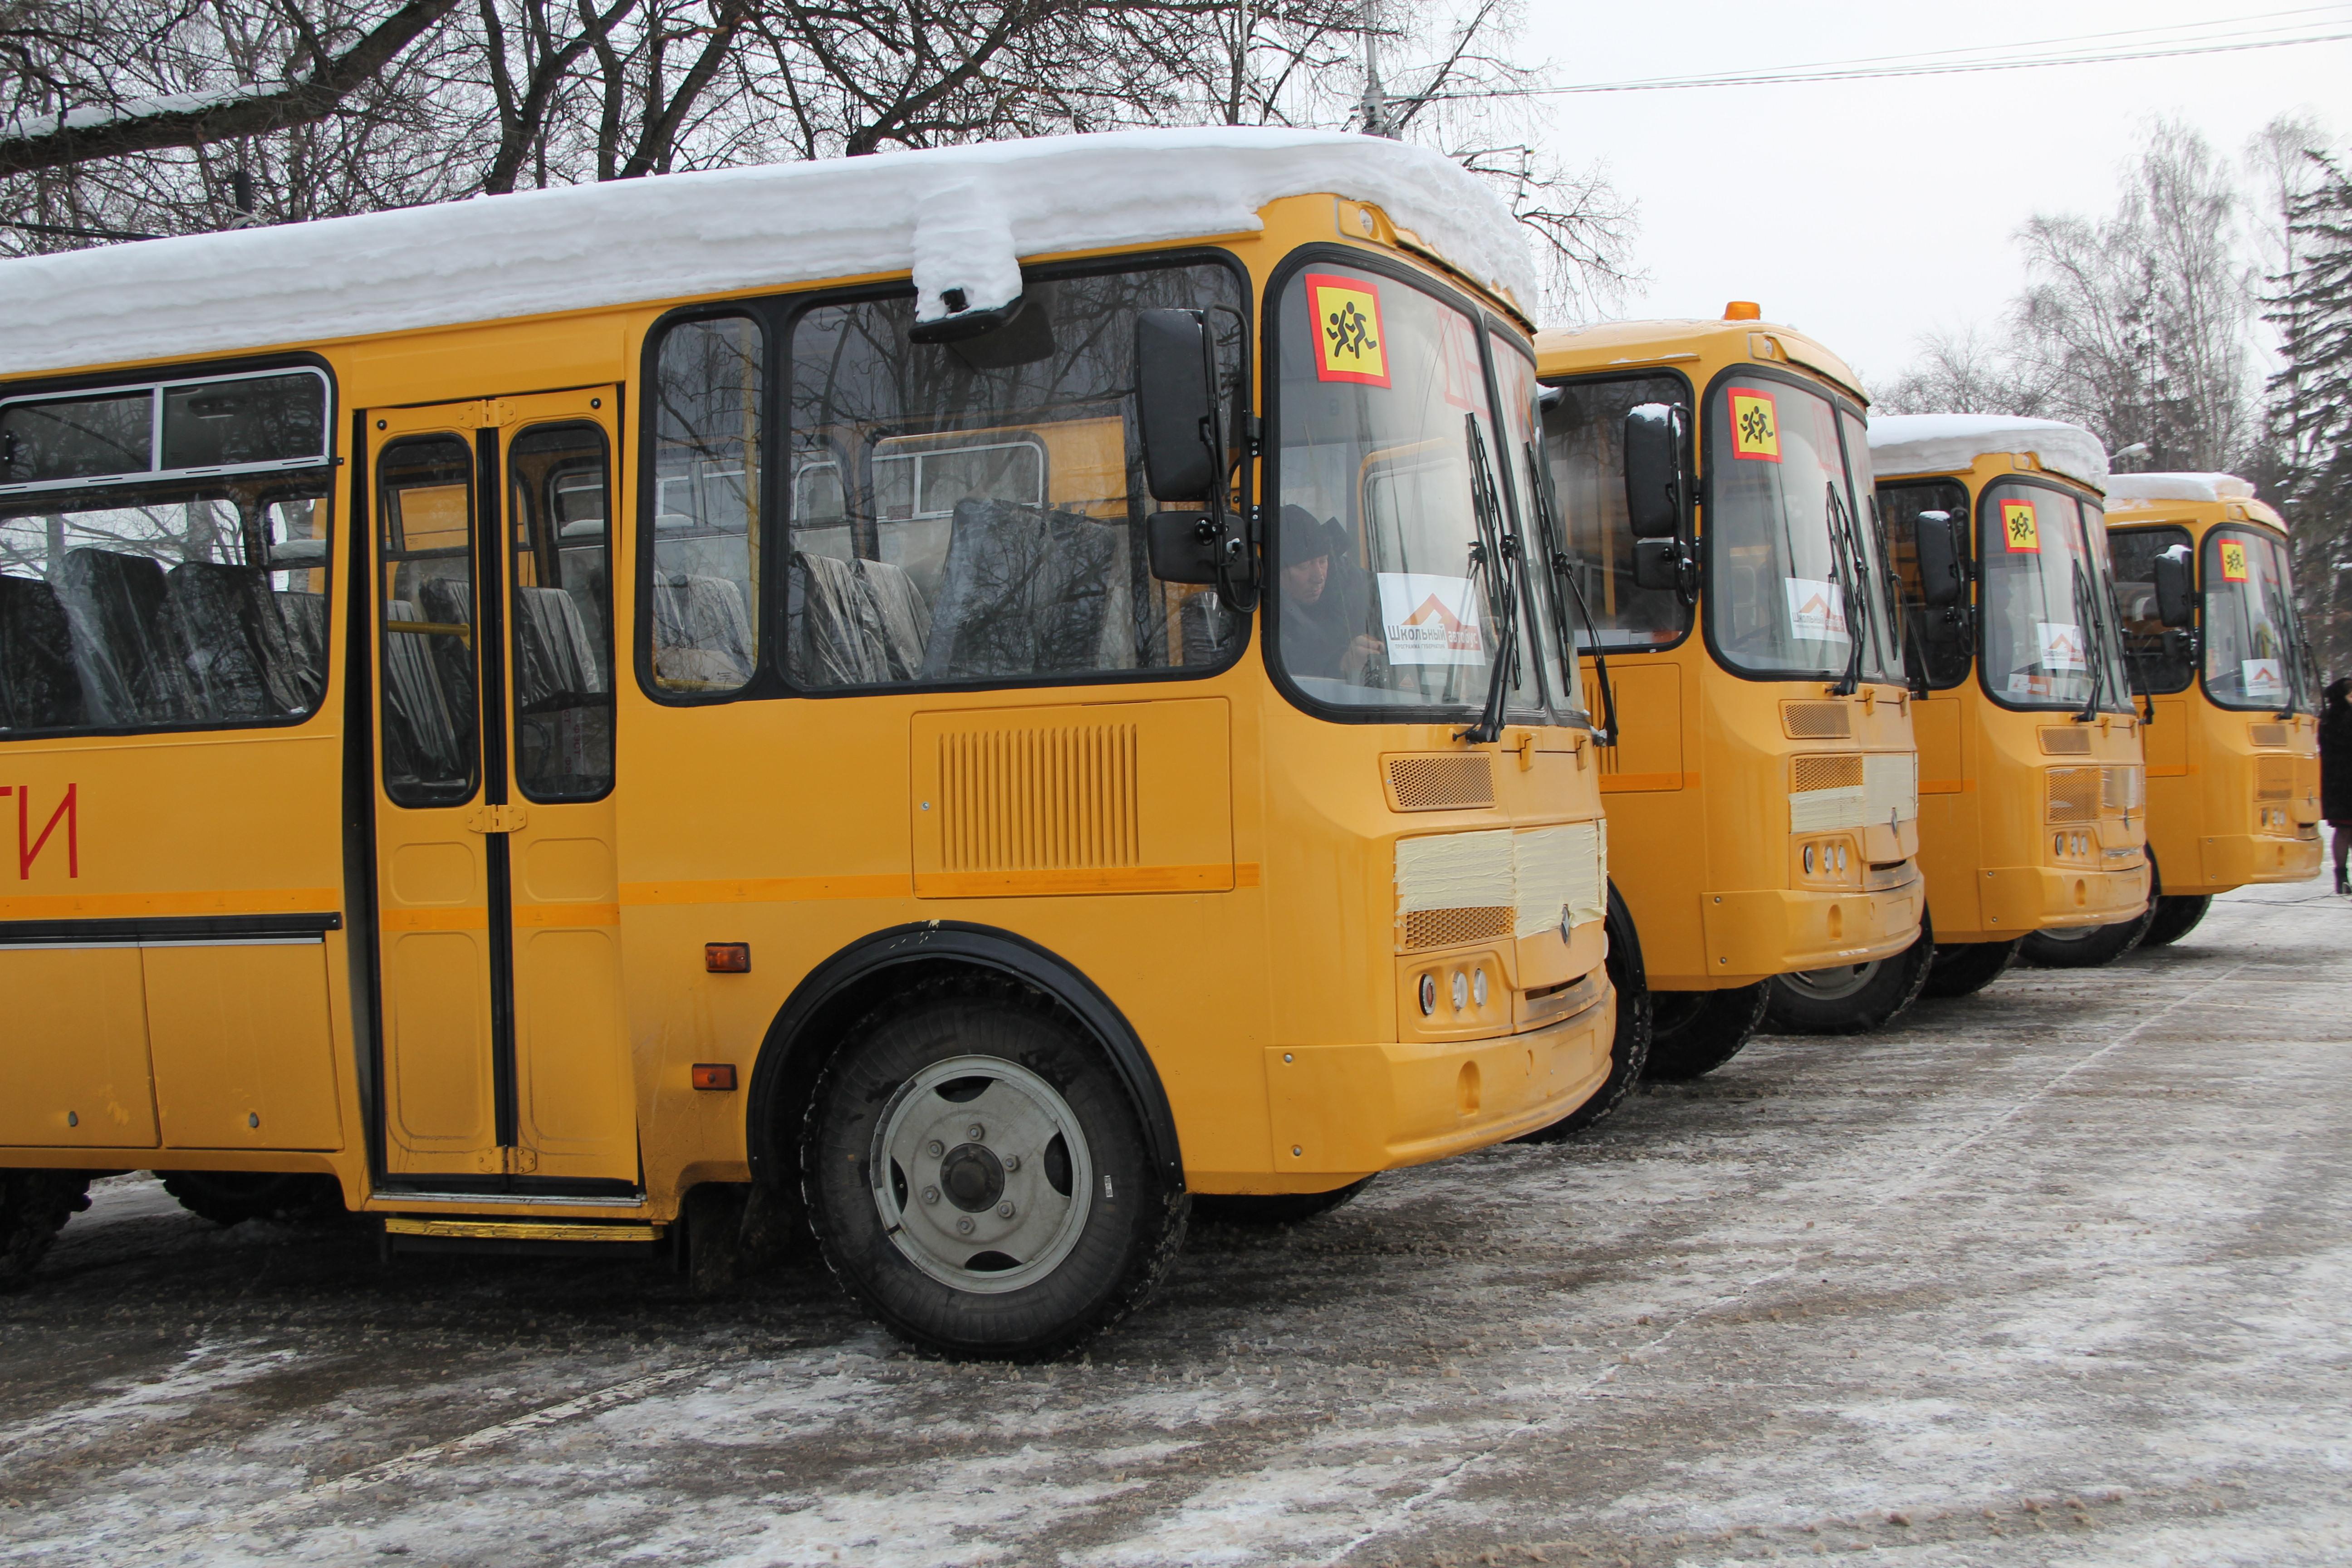 12 школьных автобусов купили для сельских школ Вологодской области